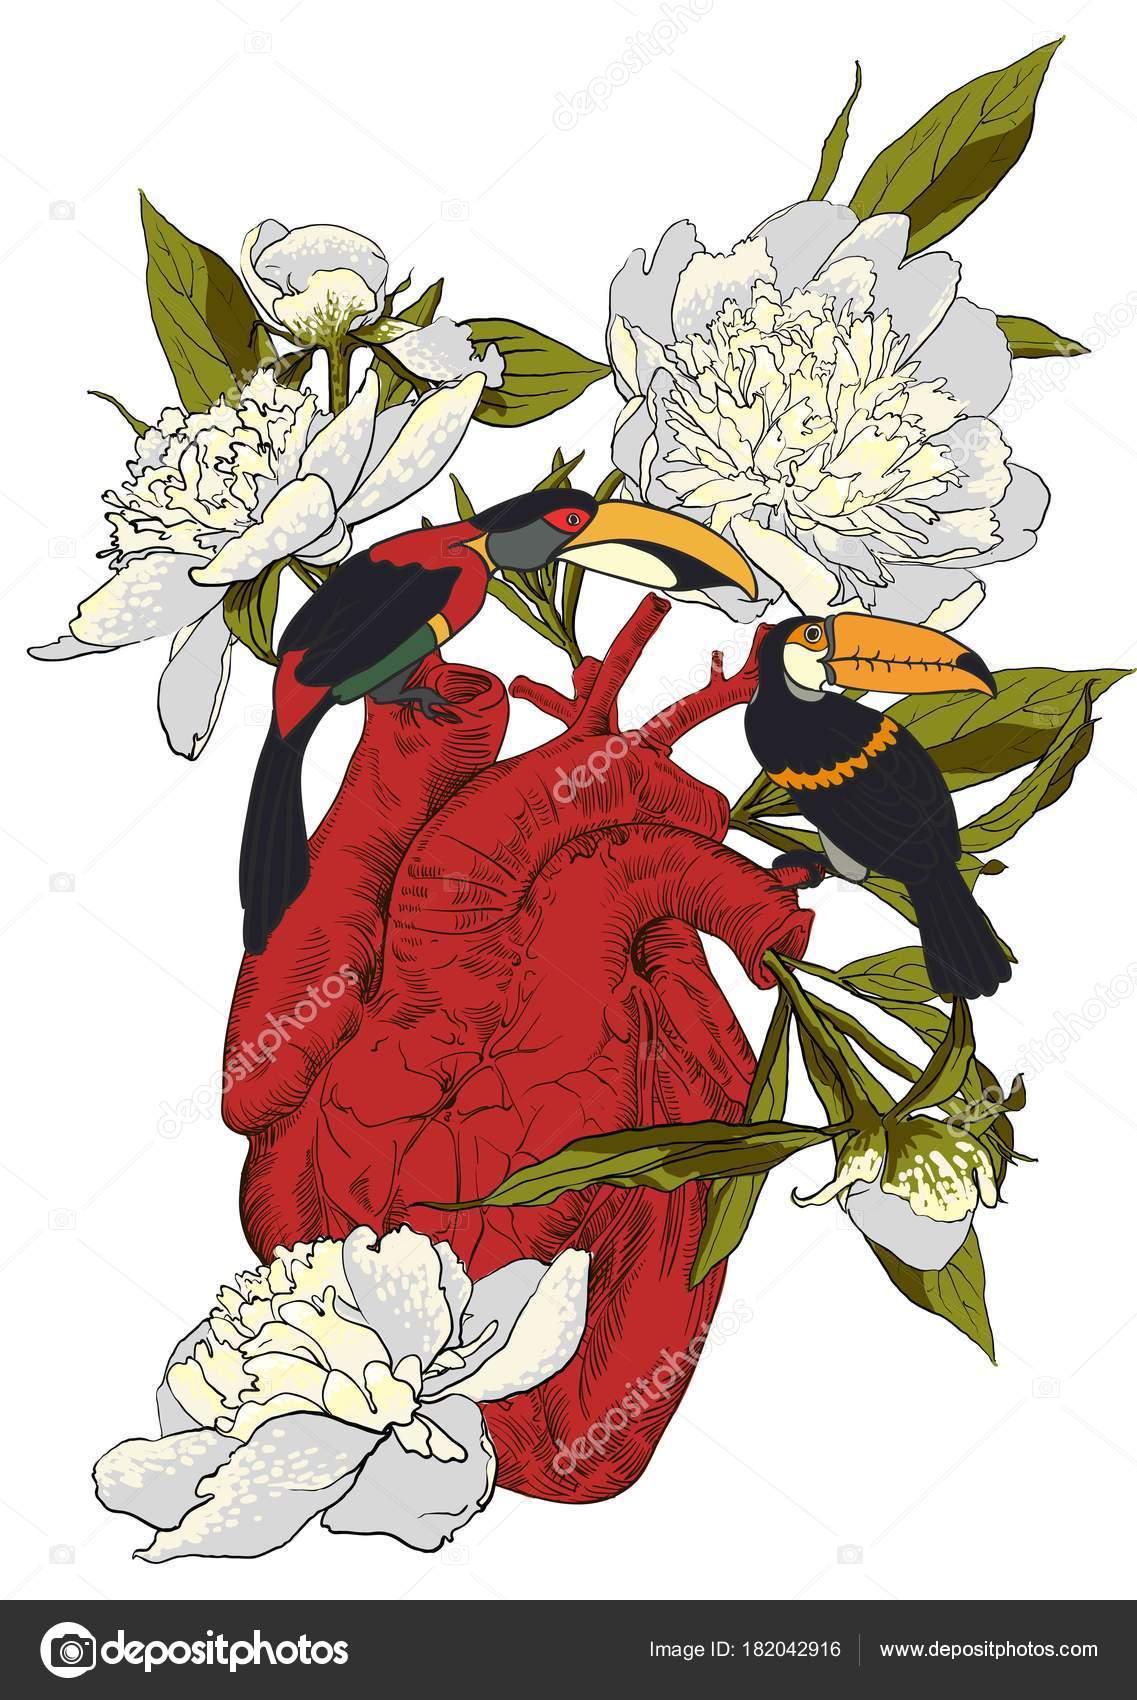 Coeur Humain Avec Des Fleurs Image Vectorielle Mamziolzi C 182042916